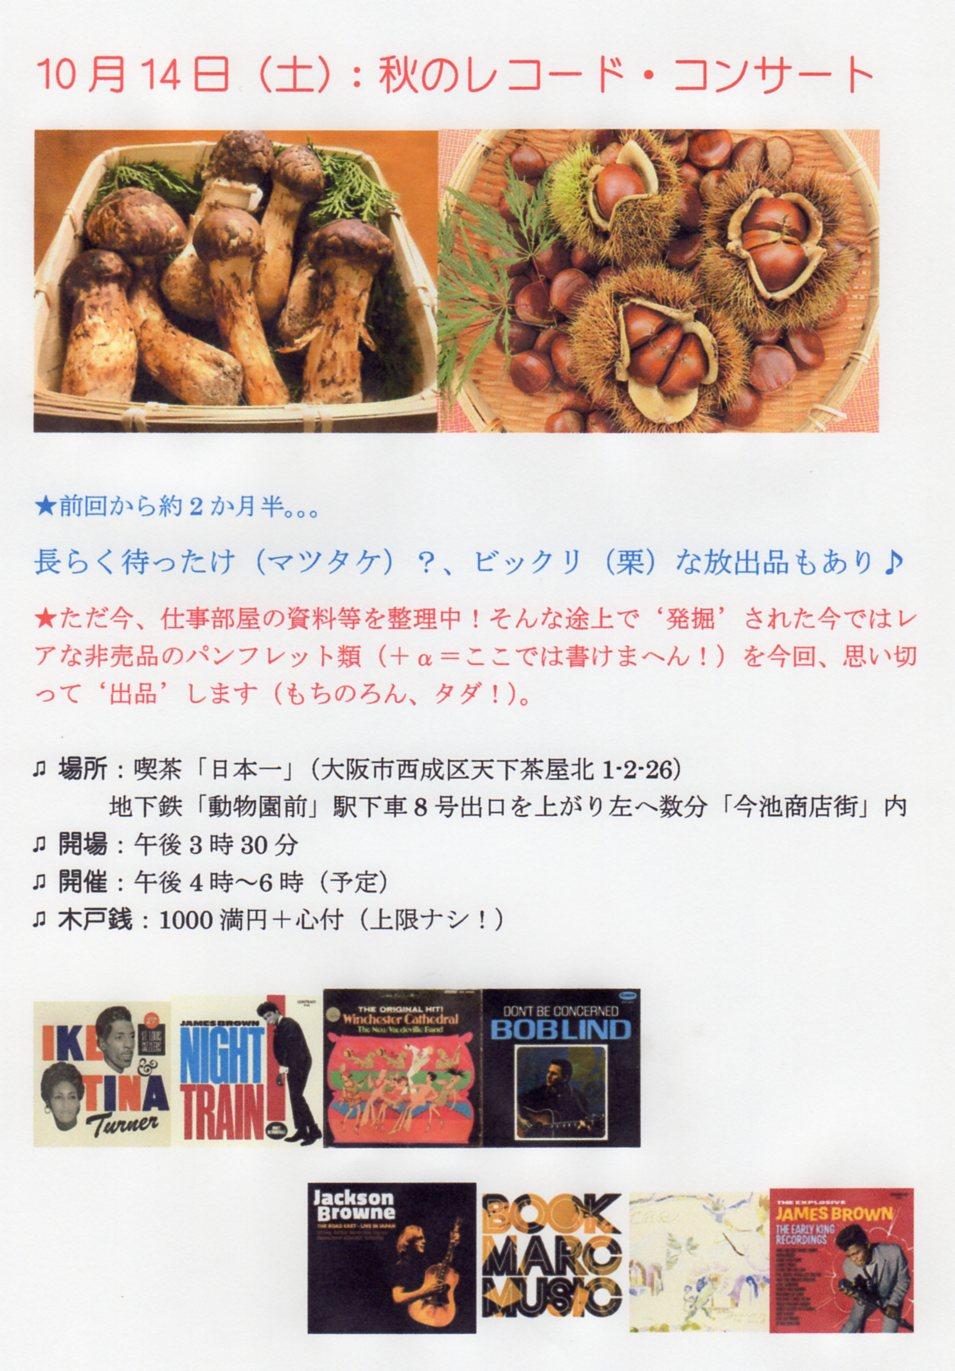 第79回レコード・コンサート開催